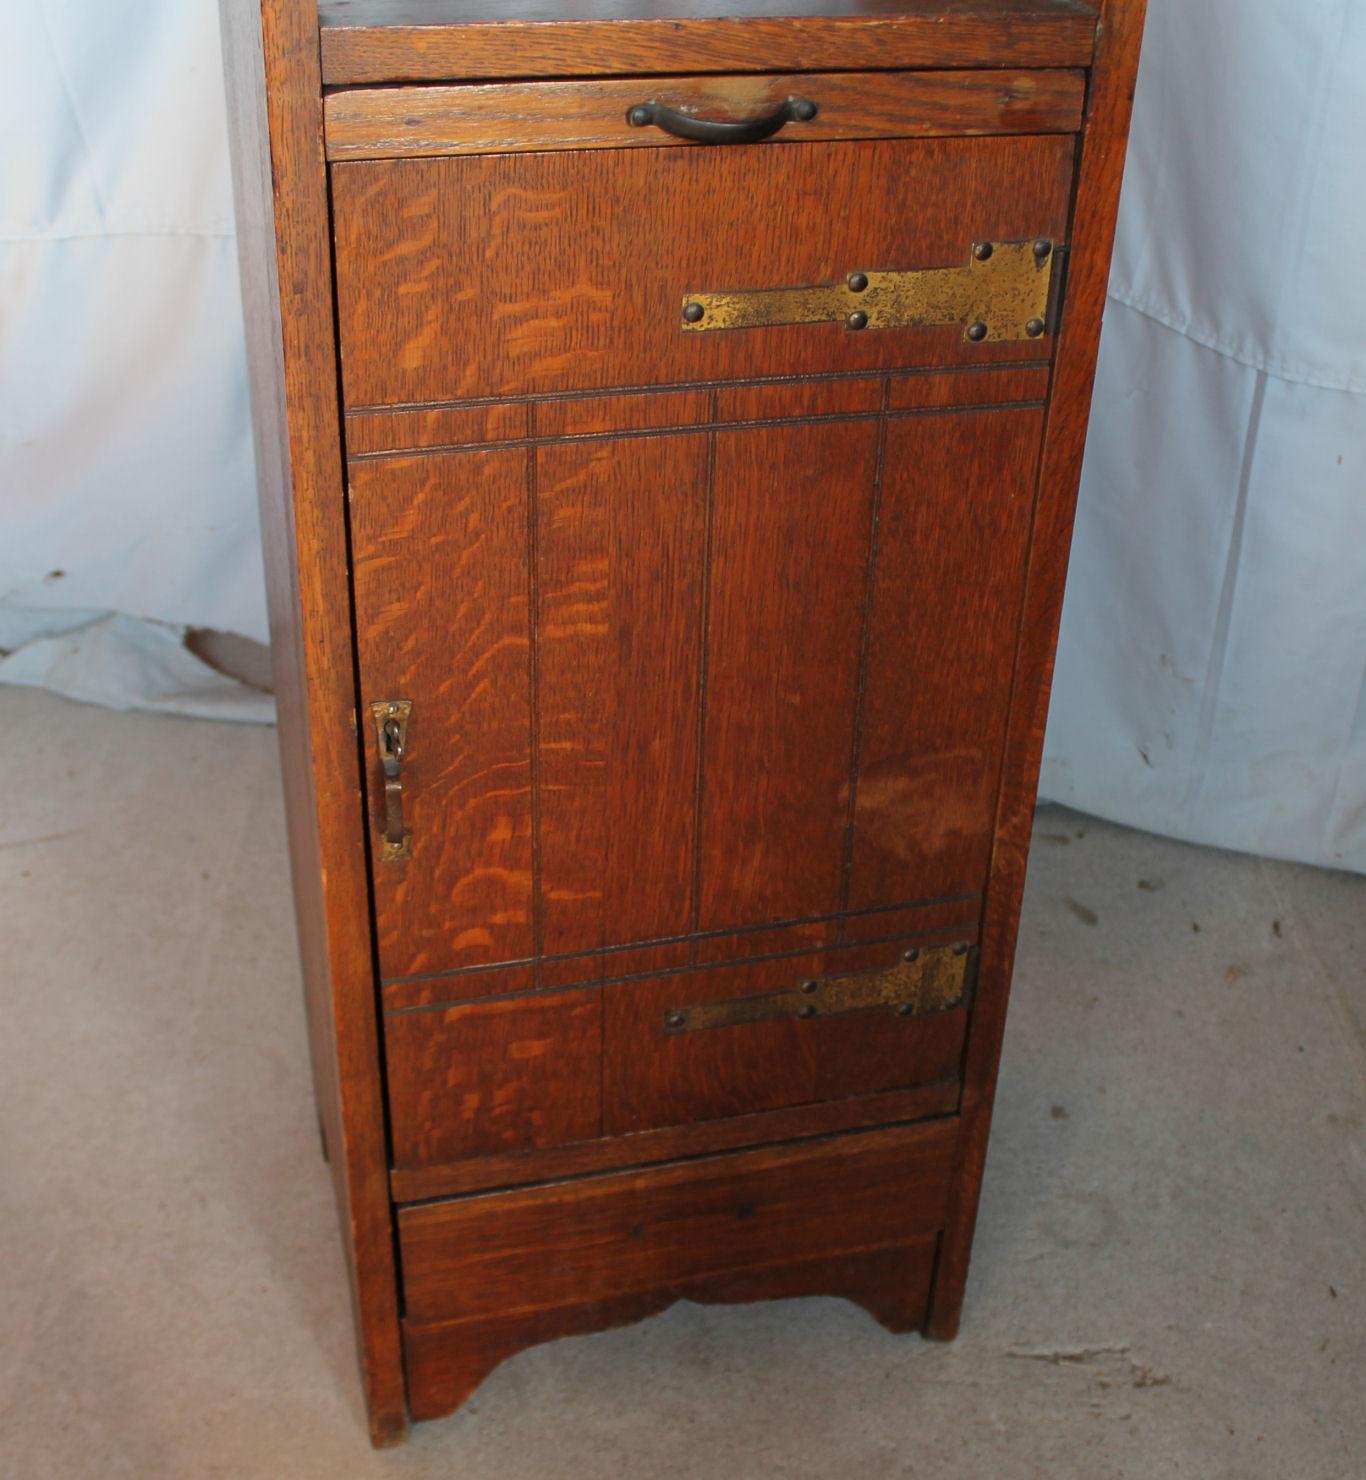 mission arm chair folding table bargain john's antiques » blog archive antique oak liquor cabinet -